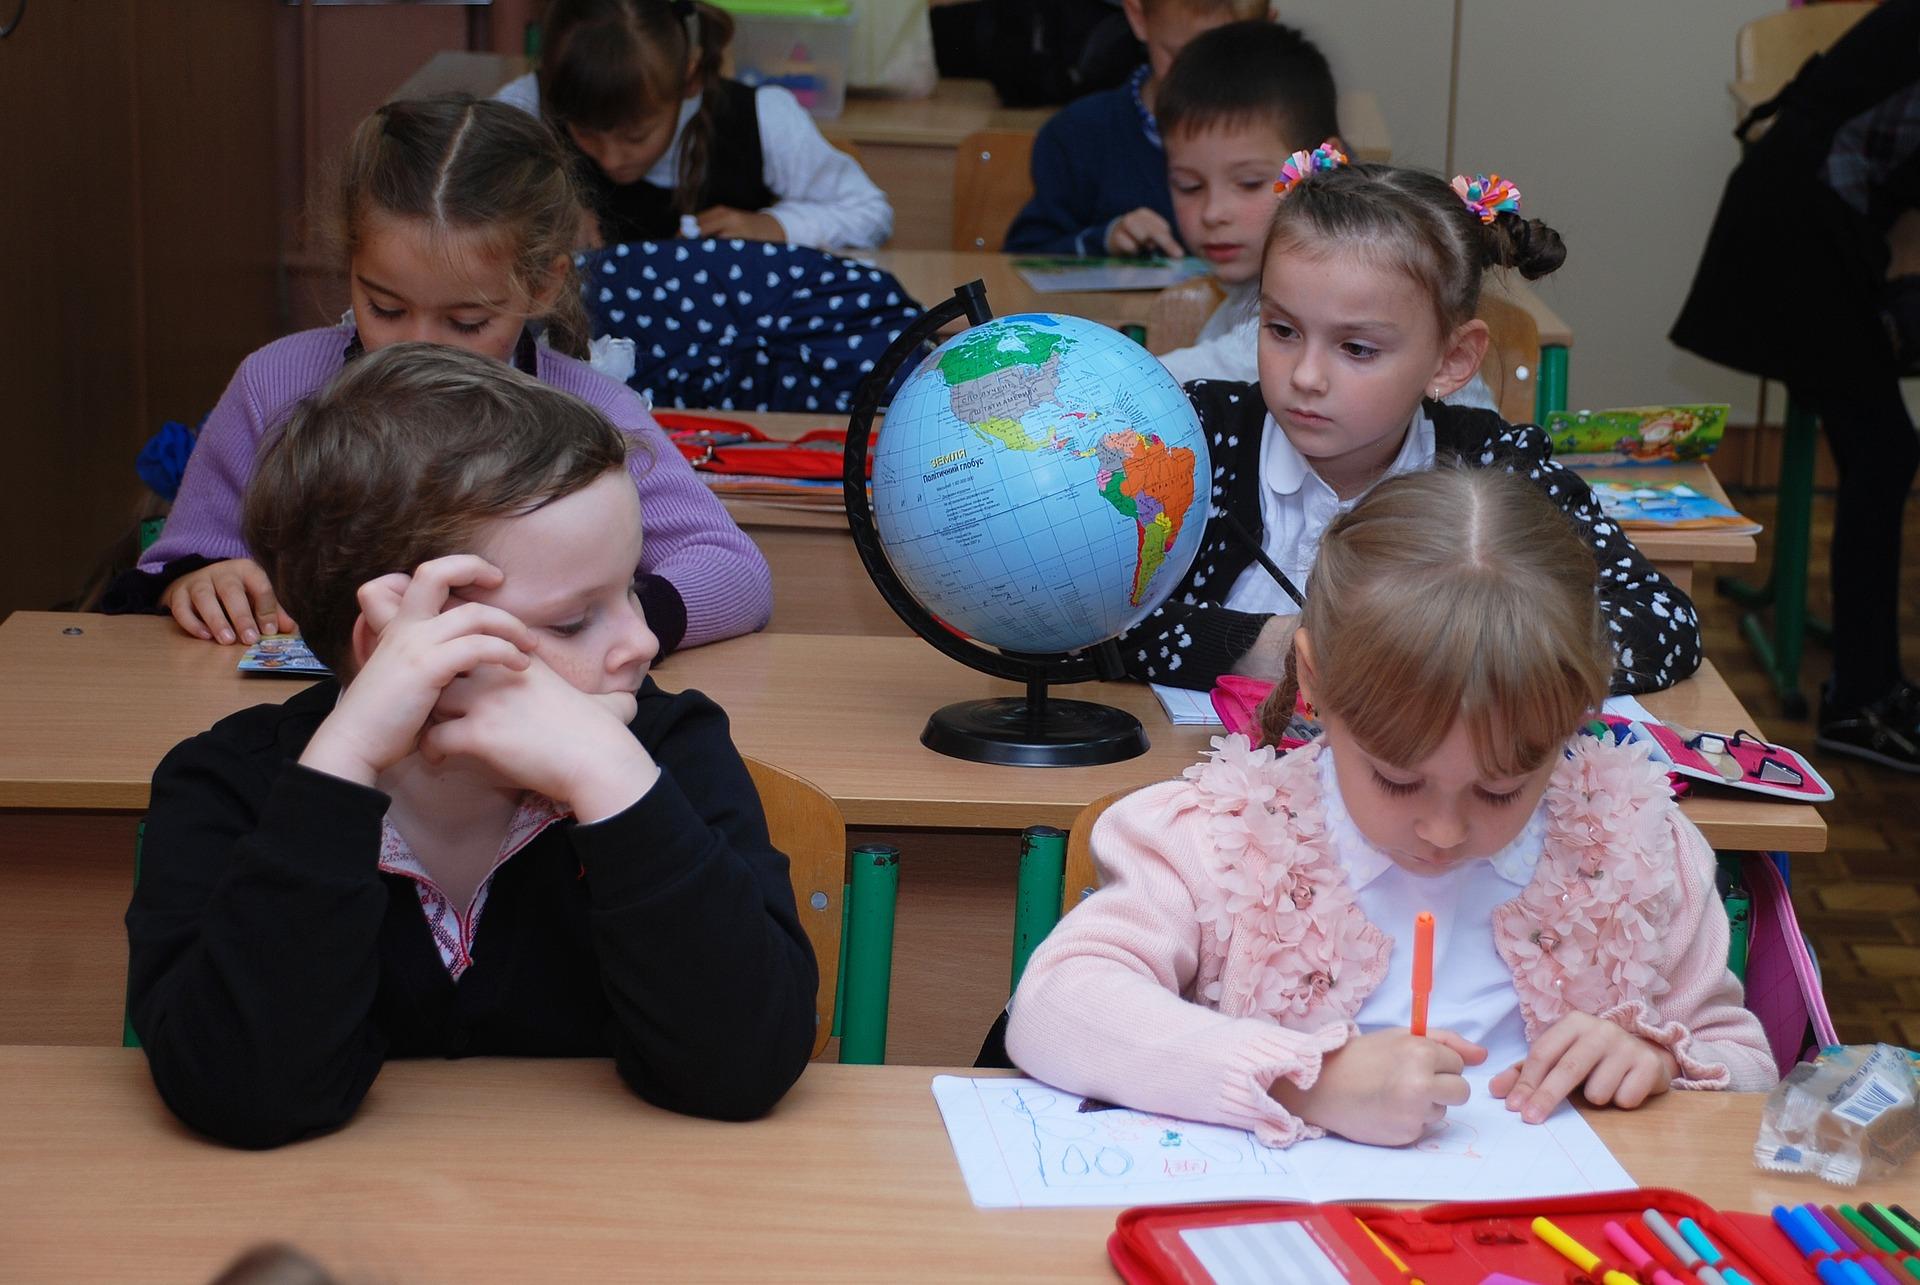 Powrót do szkoły to wyzwanie dla wszystkich. - Im więcej stresu, tym mniej efektywnej nauki - Zdjęcie główne